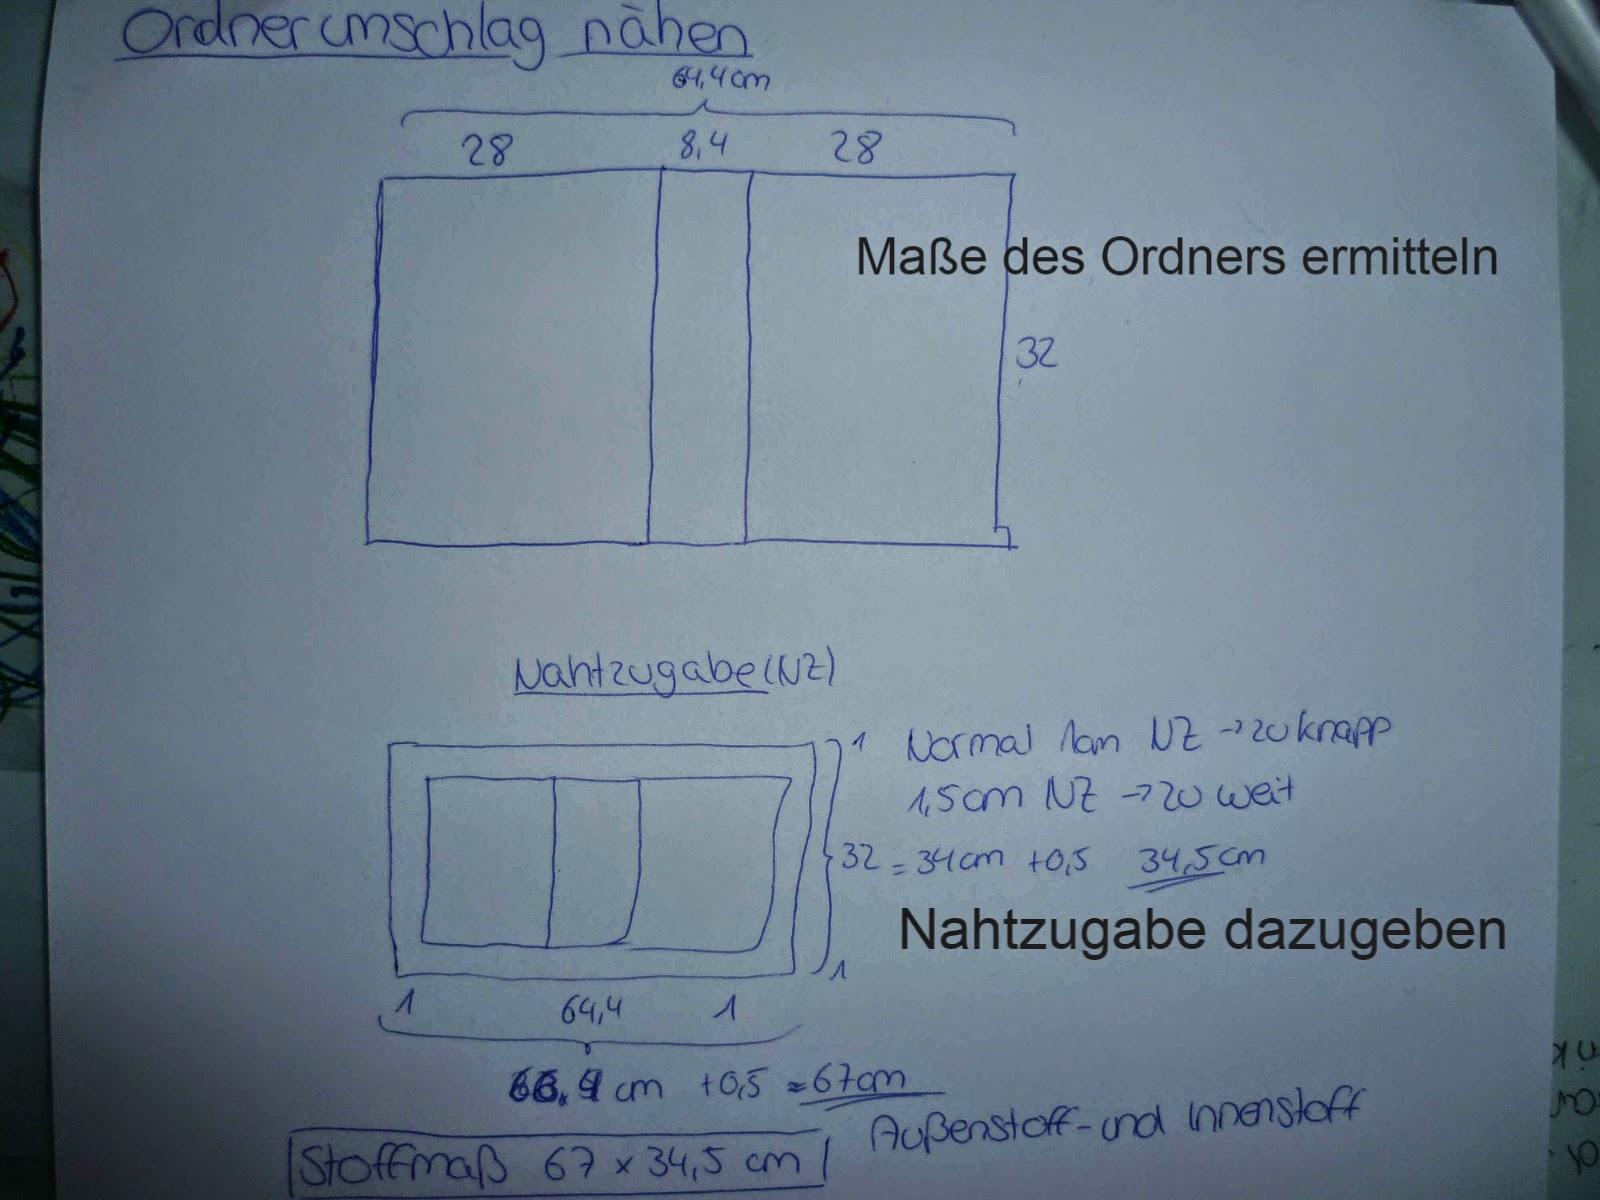 a4 maße in cm